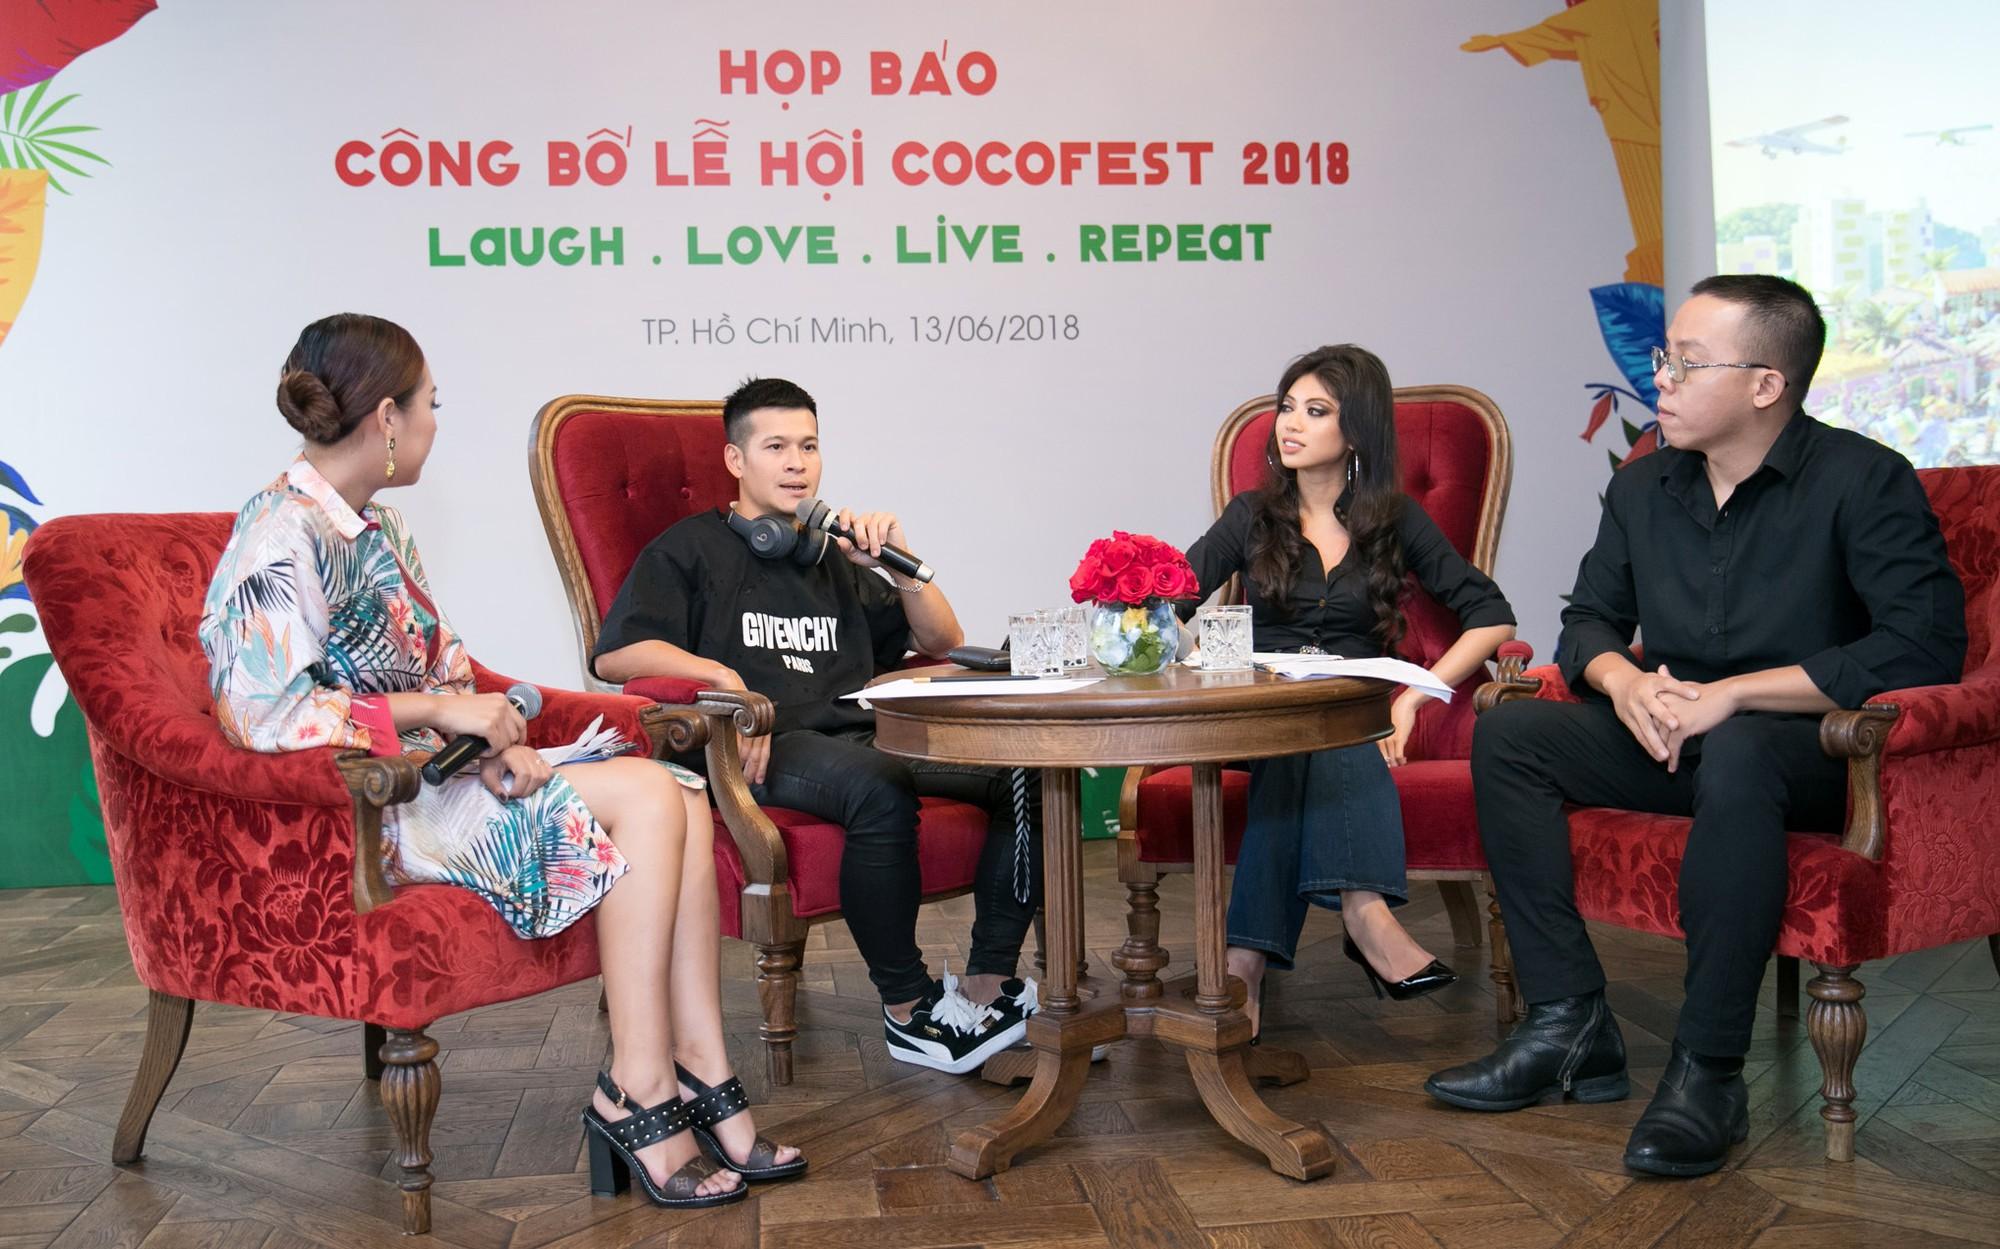 Ngôi sao Despacito và cựu thủ lĩnh nhóm The Pussycat Dolls sẽ biểu diễn tại lễ hội âm nhạc ở Đà Nẵng cùng dàn sao hot Vpop - Ảnh 5.